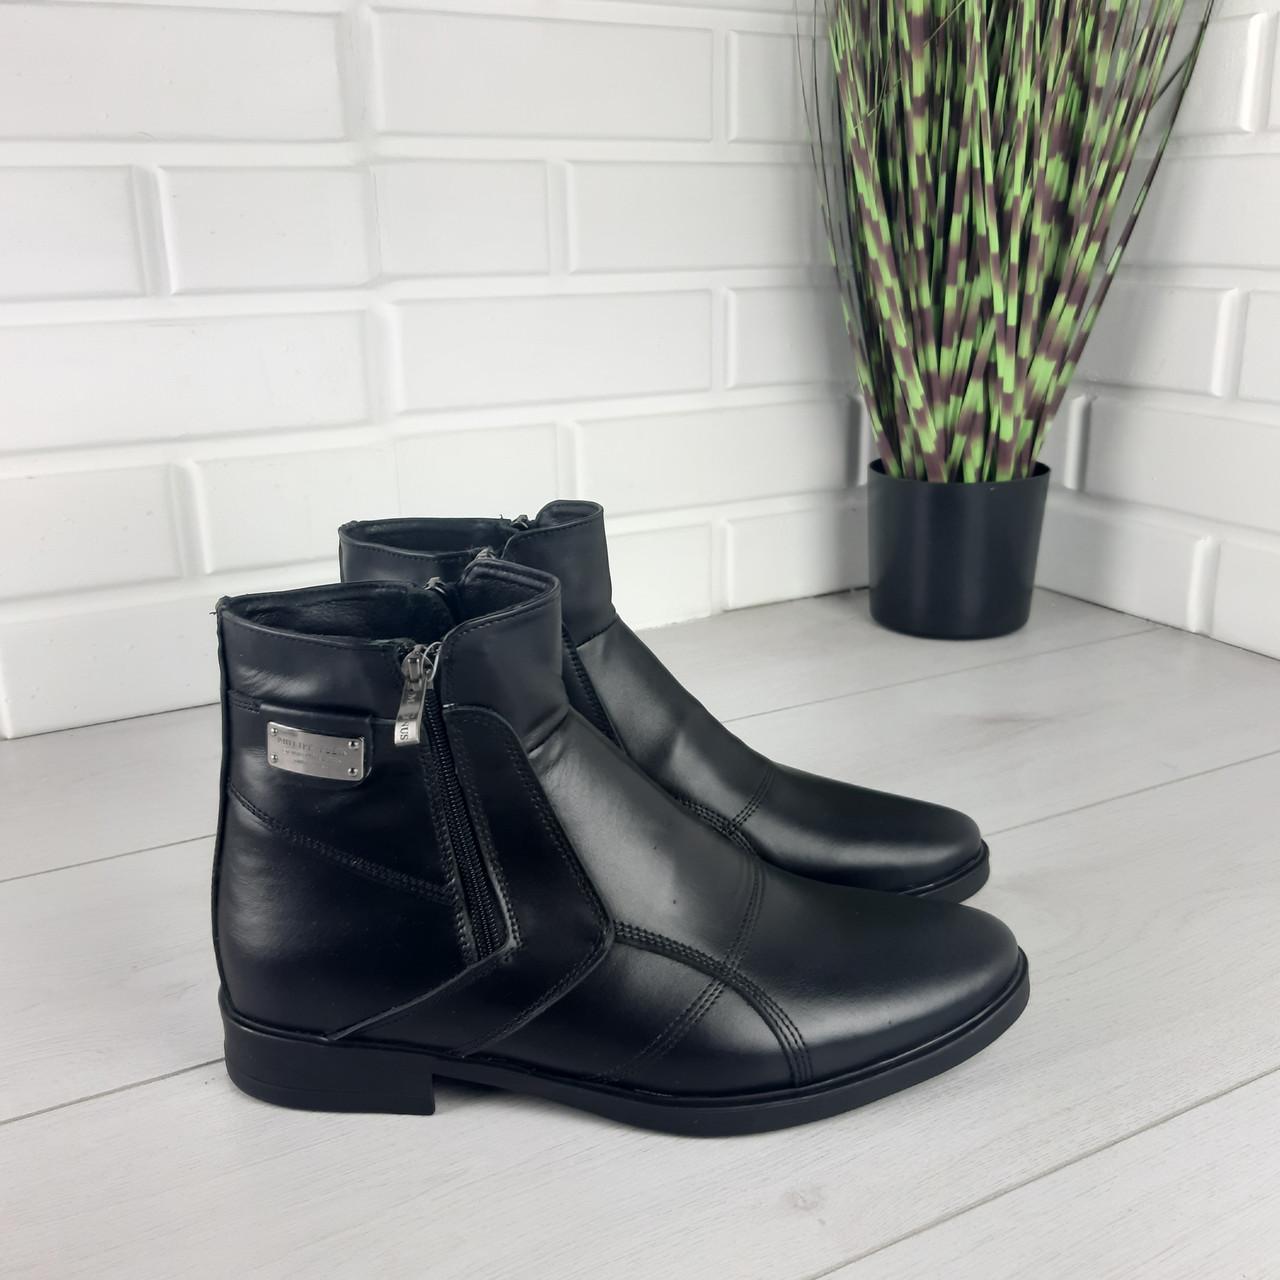 Мужские ботинки зимние из натуральной кожи, внутри натуральная шерсть. Чоловіче взуття